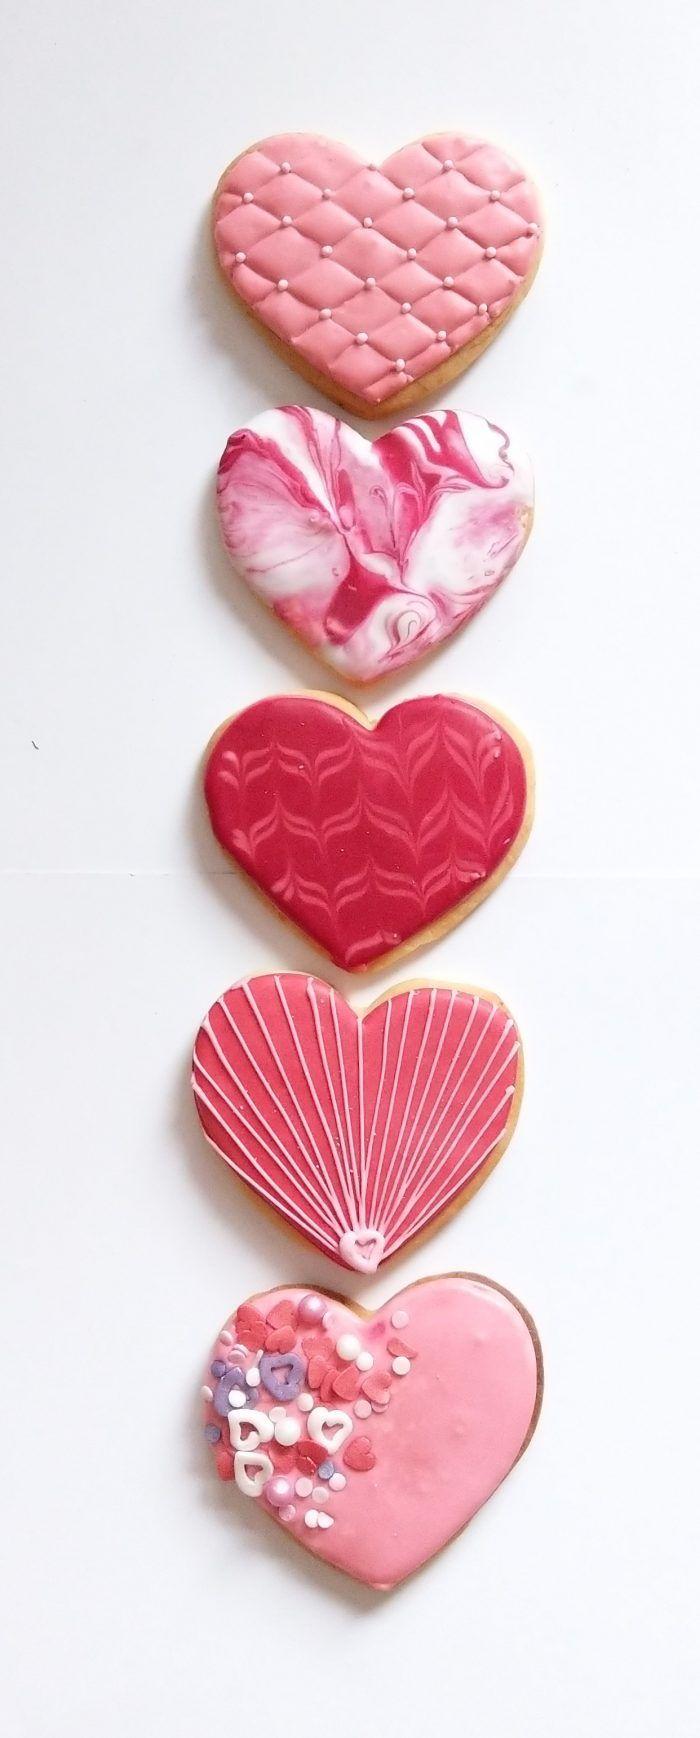 Valentinstag/Valentines Day Heart  #valentin #Herzen #cookies